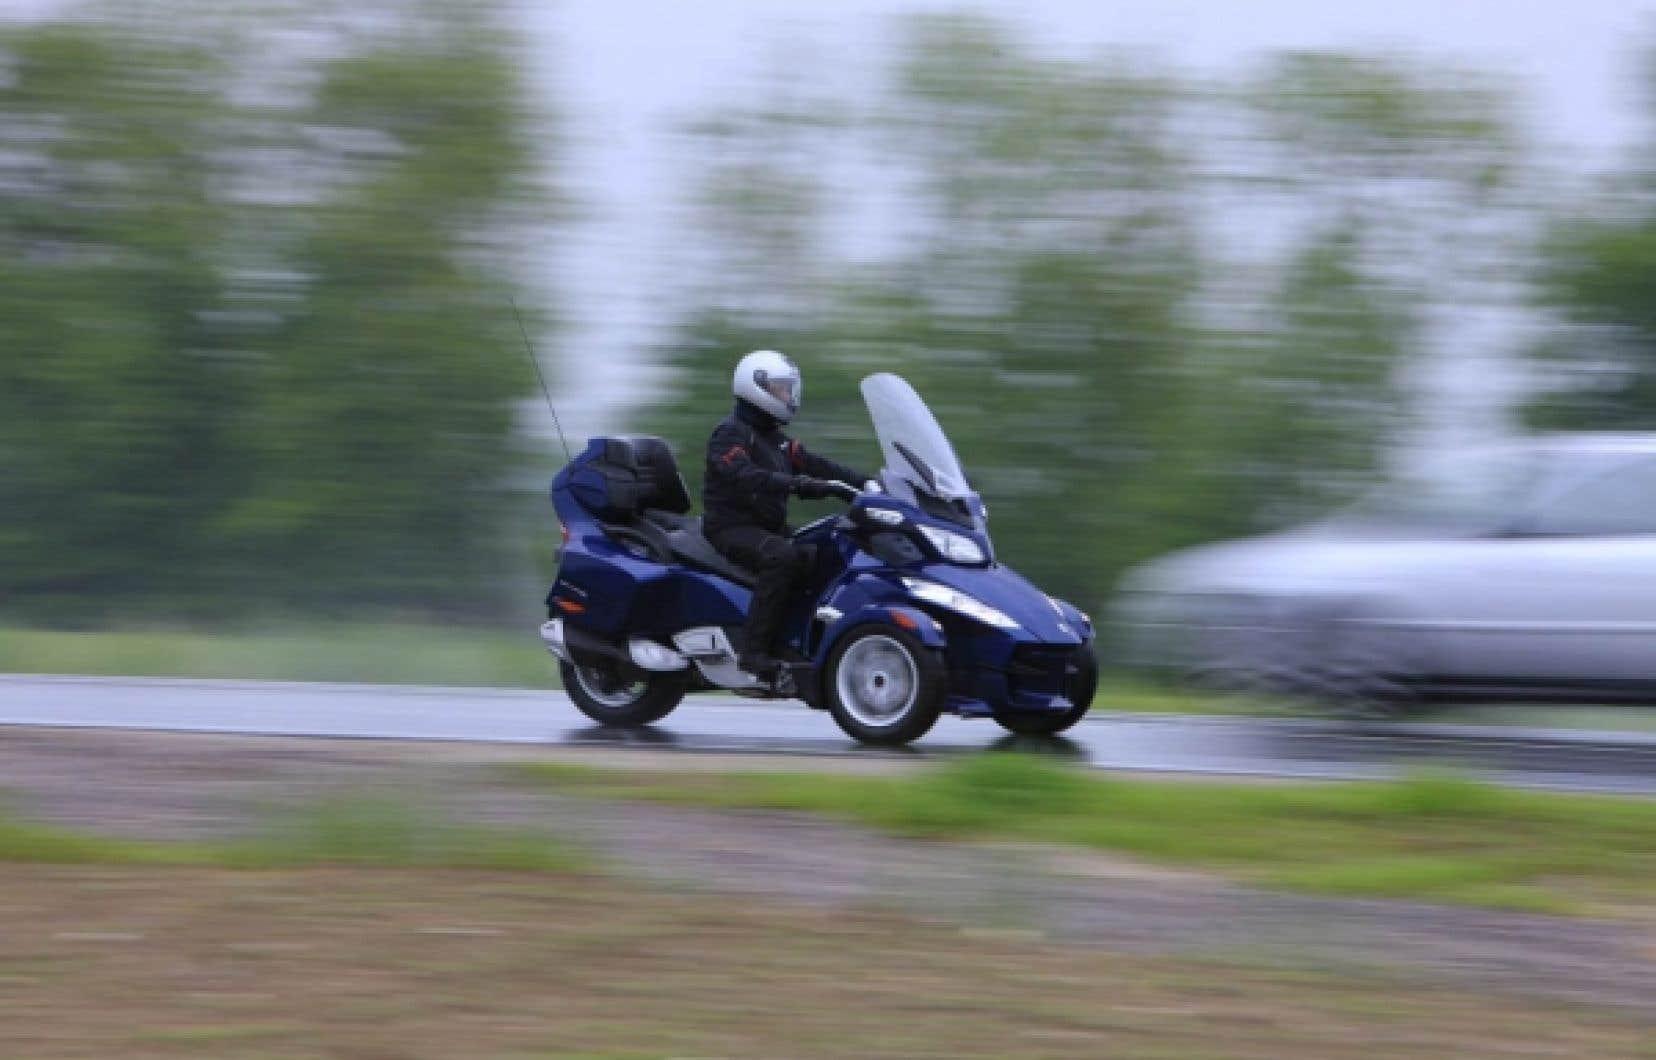 Audacieux croisement entre une voiture et une motocyclette, la Spyder est en quelque sorte le chaînon manquant